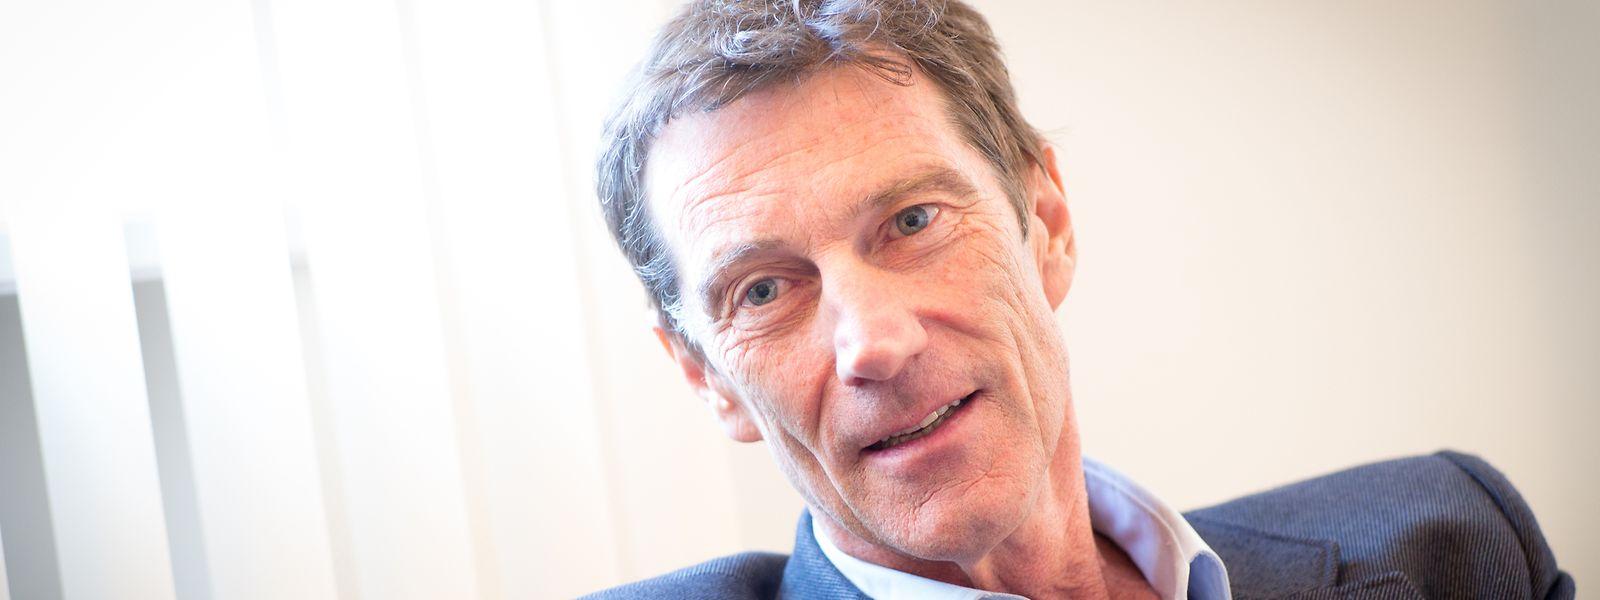 Eugène Berger wurde 59 Jahre alt.